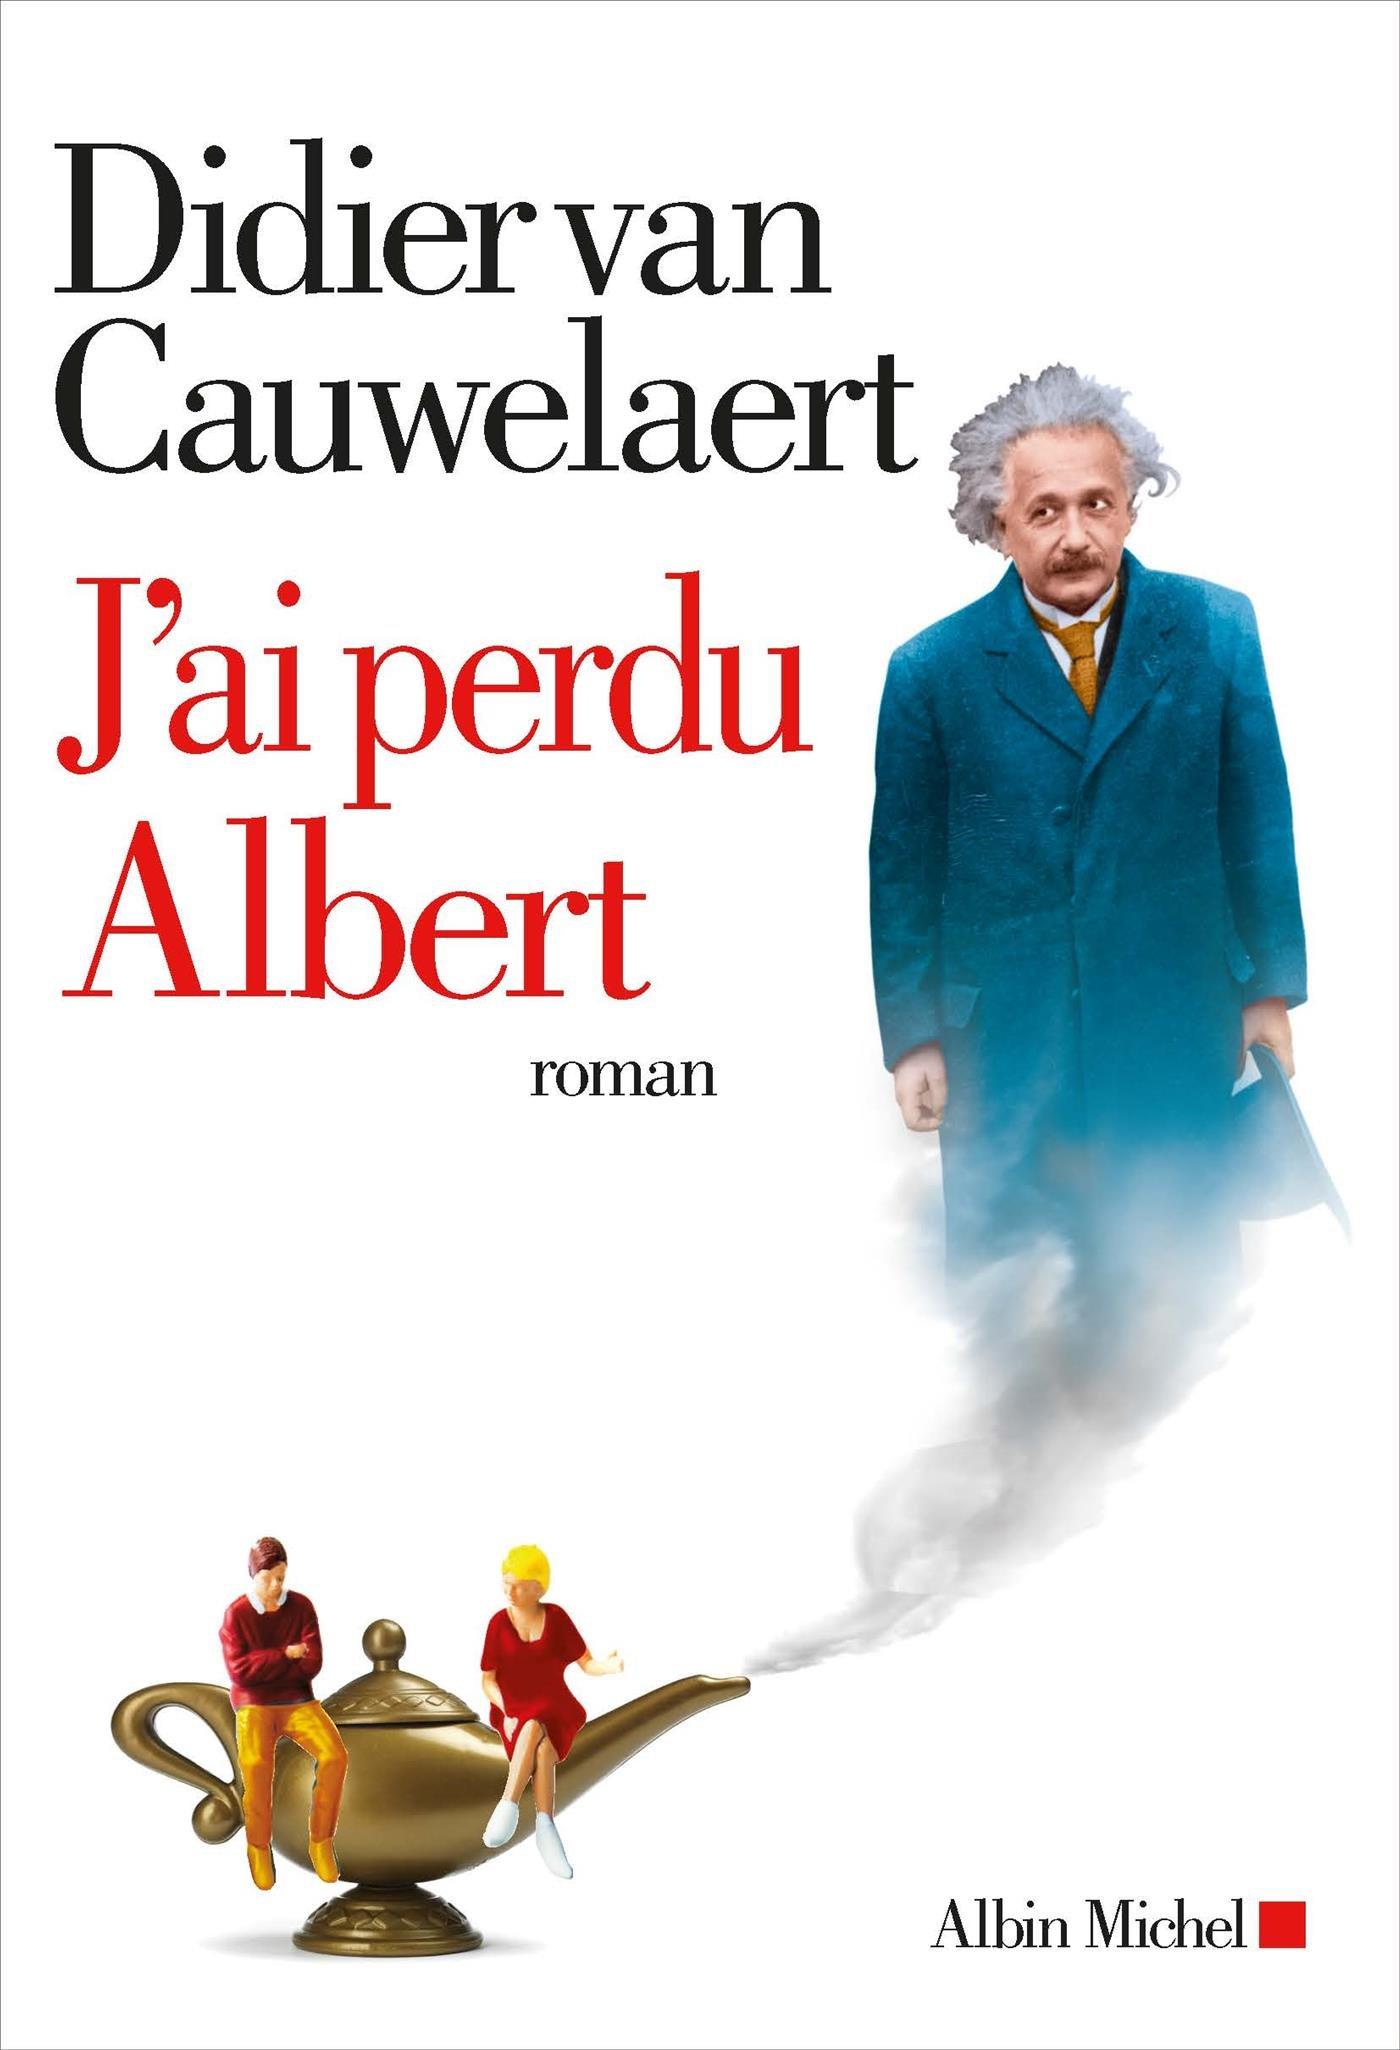 J'ai perdu Albert: Roman